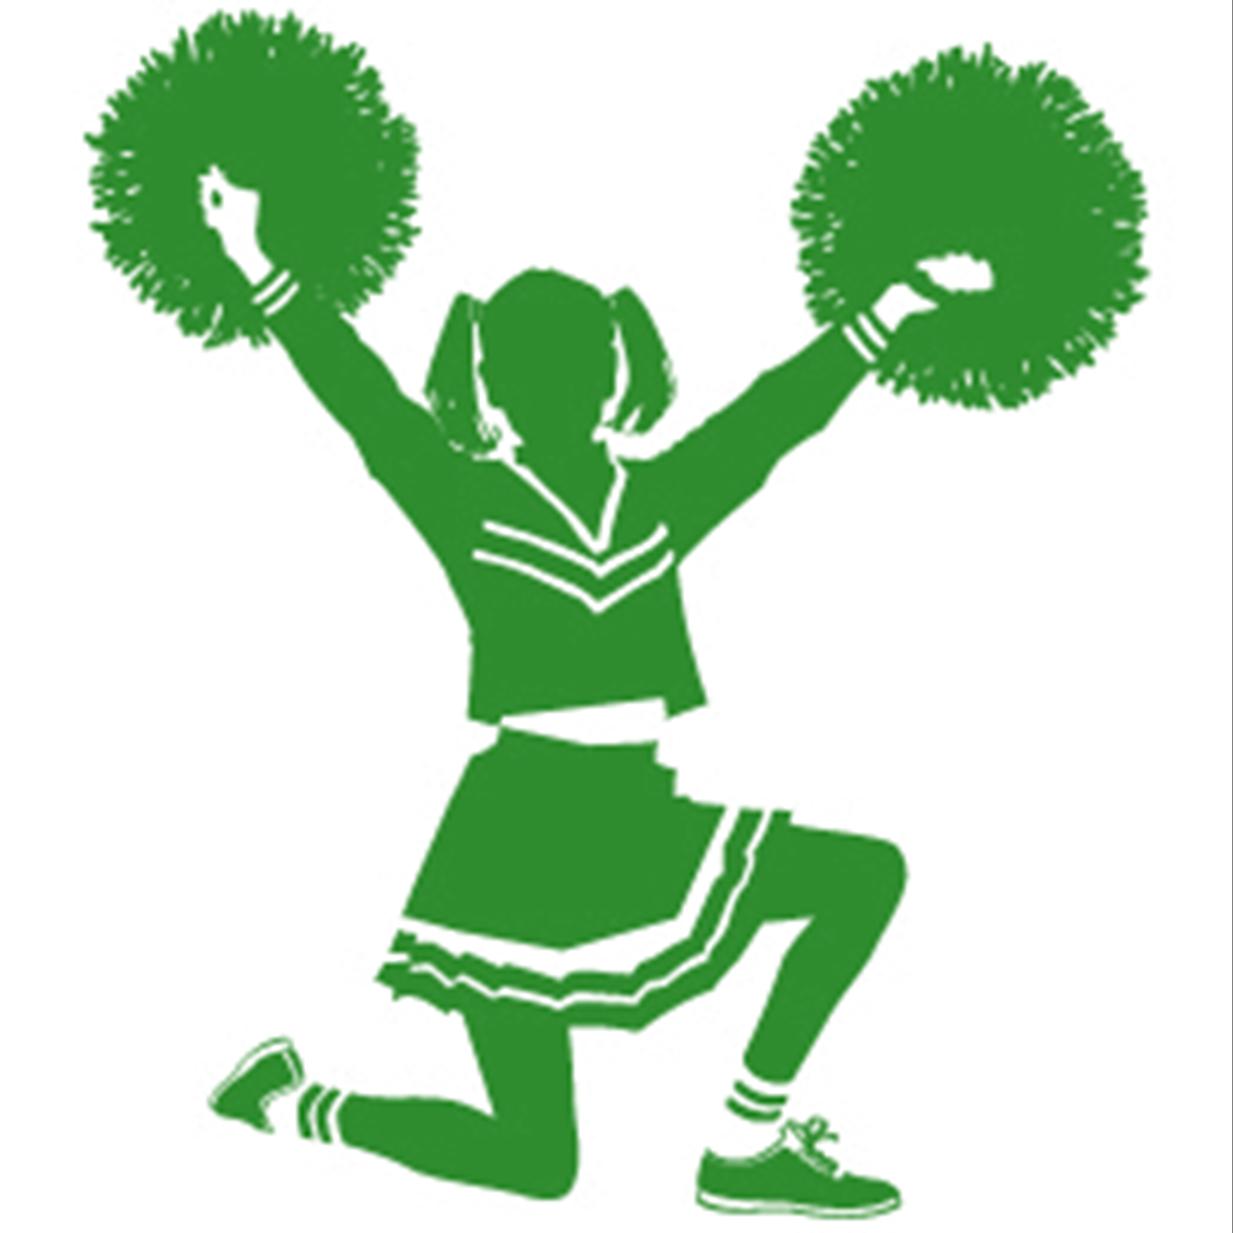 cheerleader clipart svg - photo #33